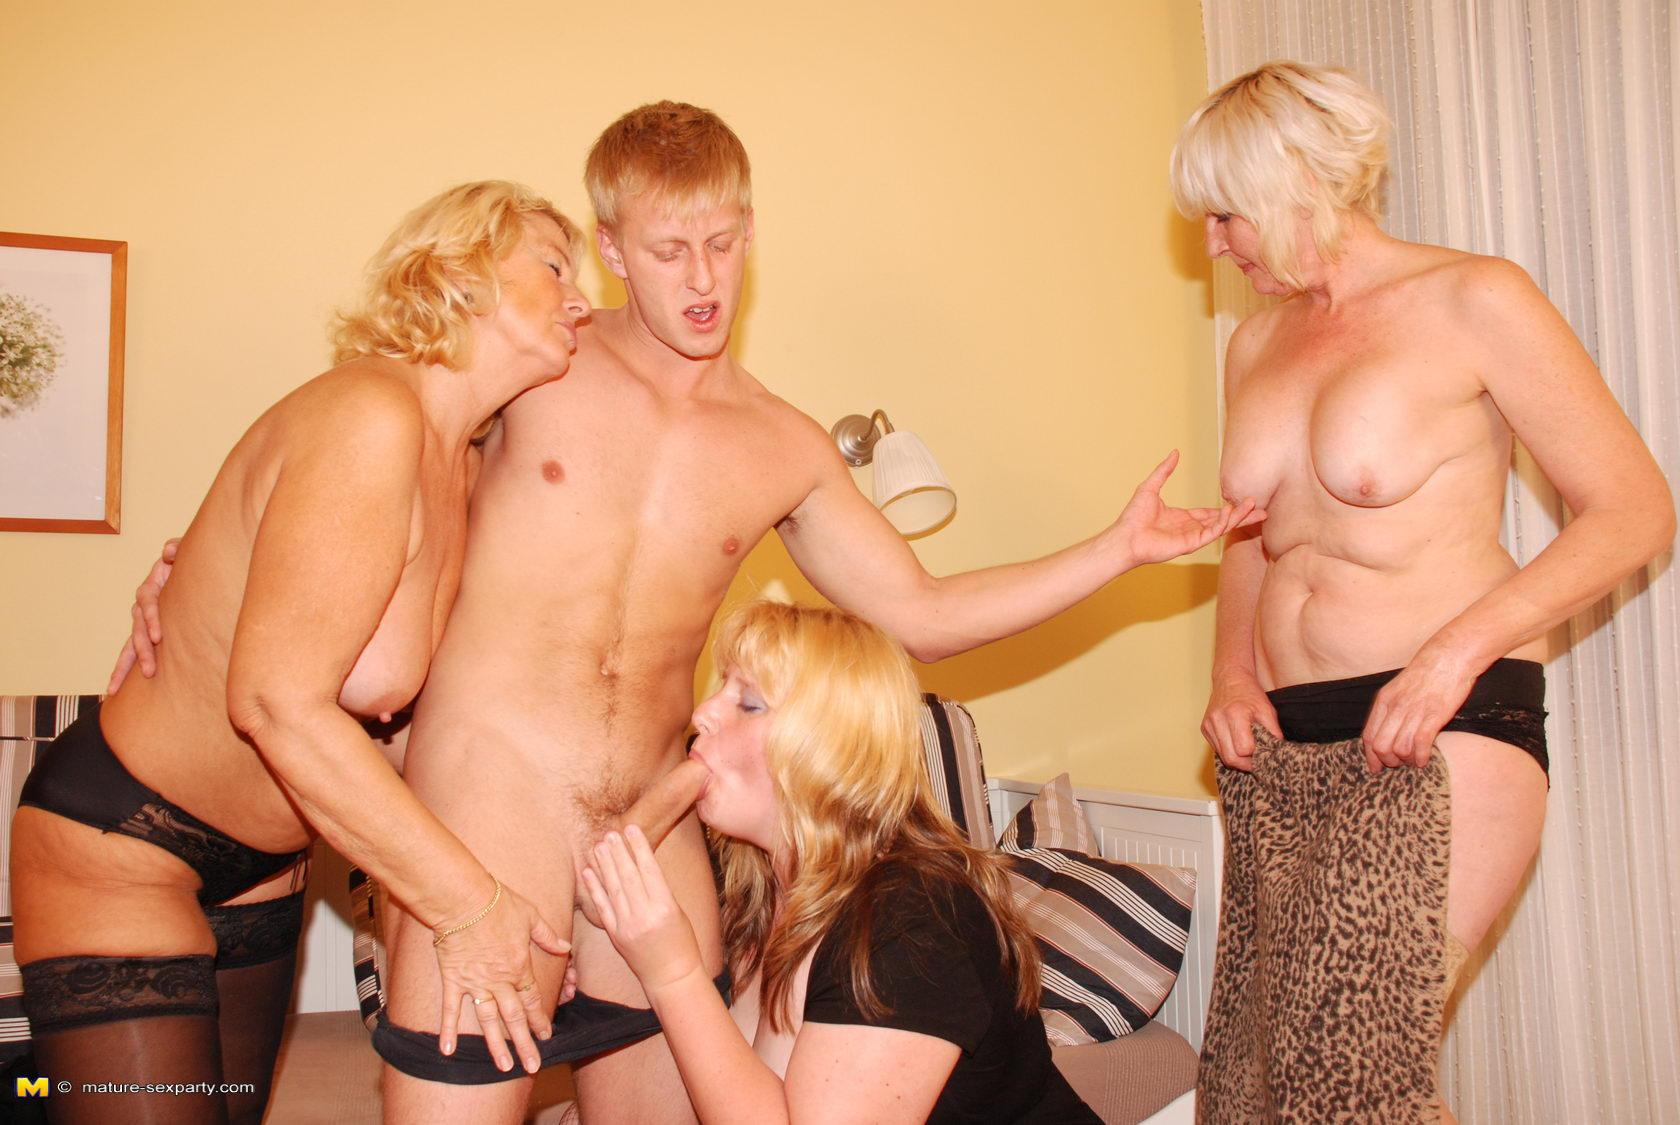 Порно онлайн зрелые с молодыми кажется